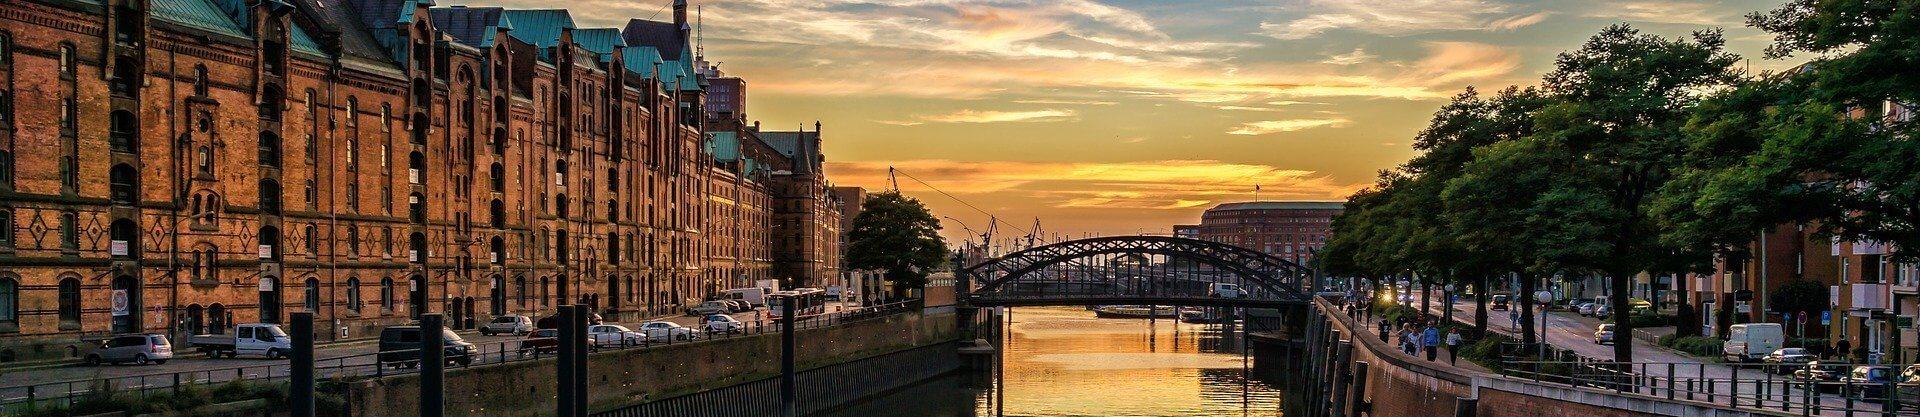 Hamburg Immobilienpreise Im Vergleich